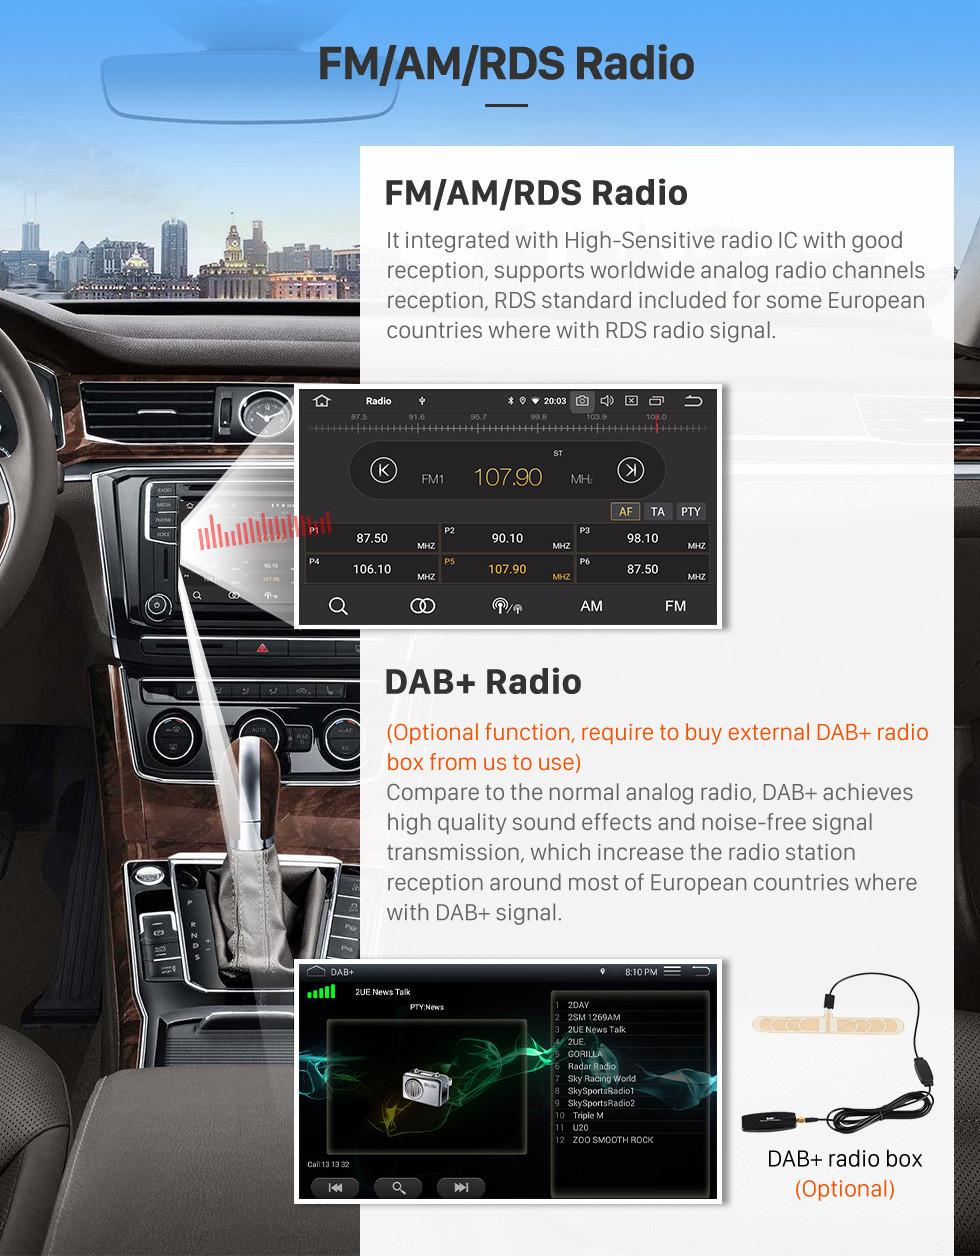 Seicane 10,1 pouces OEM OEM Android 9.0 Système de navigation GPS pour 2014 2014 2015 VW Volkswagen GOLF 7 Bluetooth HD Écran tactile WiFi Musique SWC TPMS DVR OBD II Caméra arrière AUX 1080P Vidéo USB Carplay